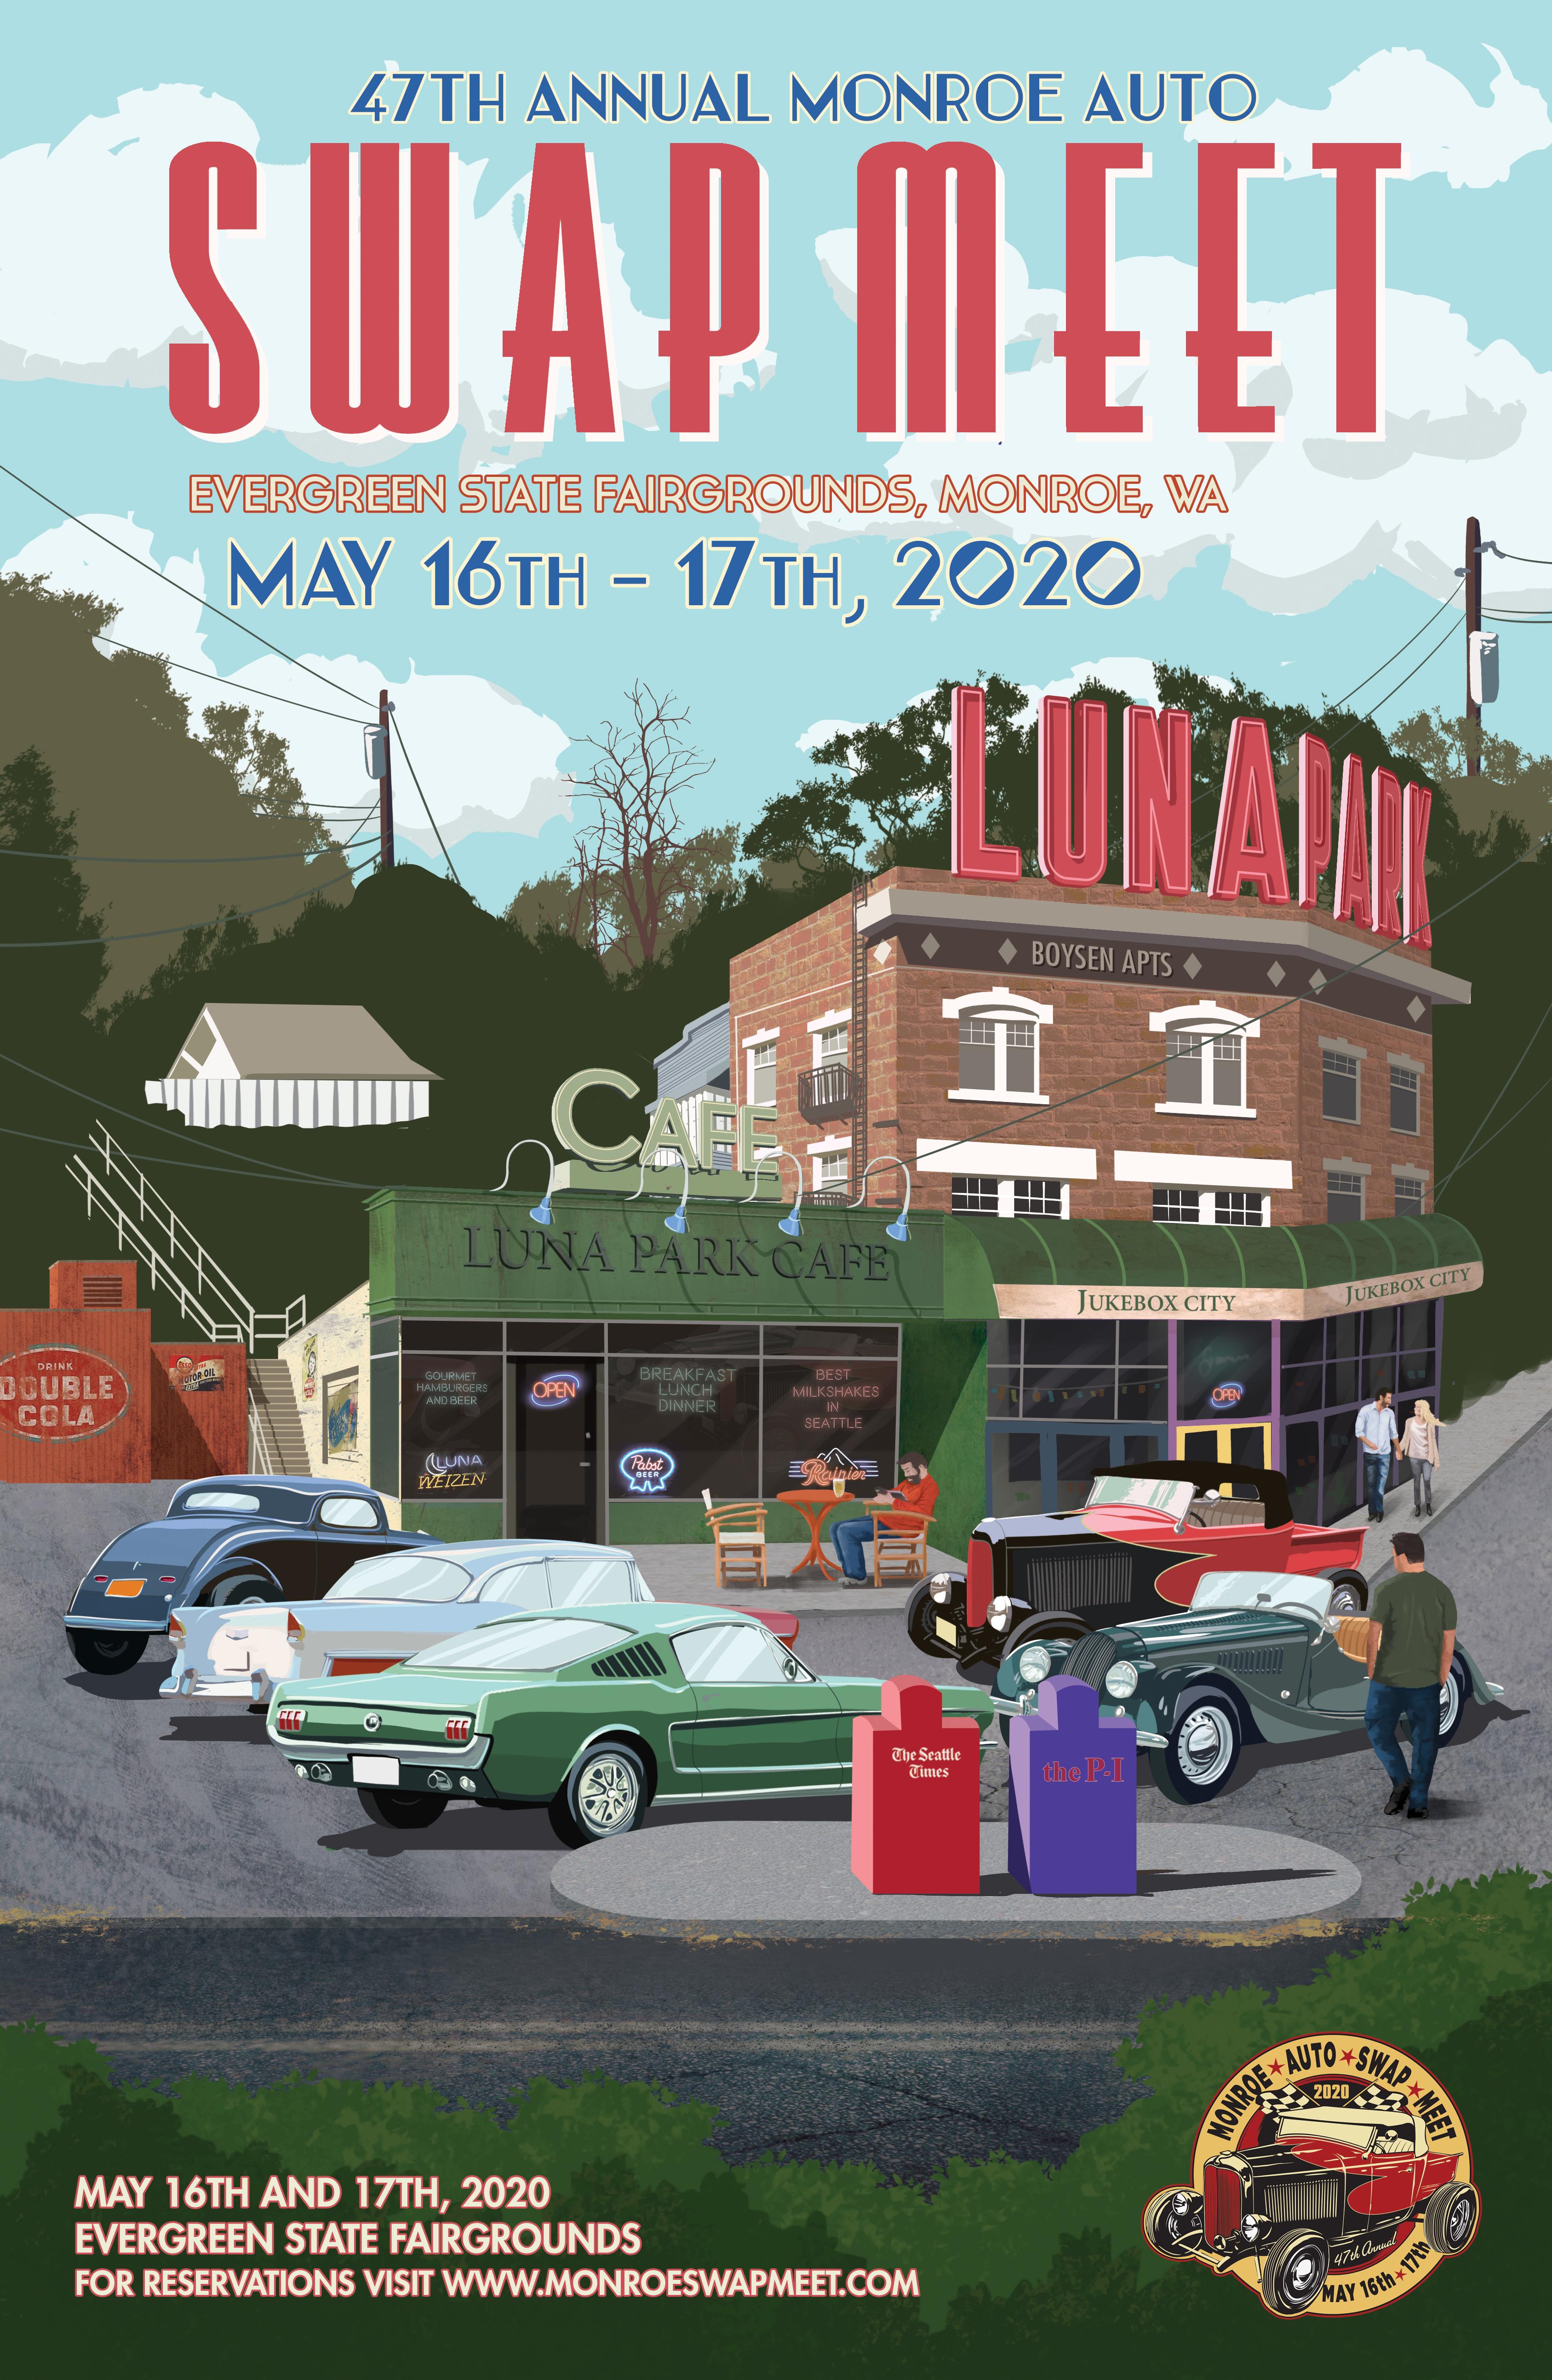 Evergreen State Fair 2020.2020 Monroe Swap Meet May 16th 17th 2020 Monroe Auto